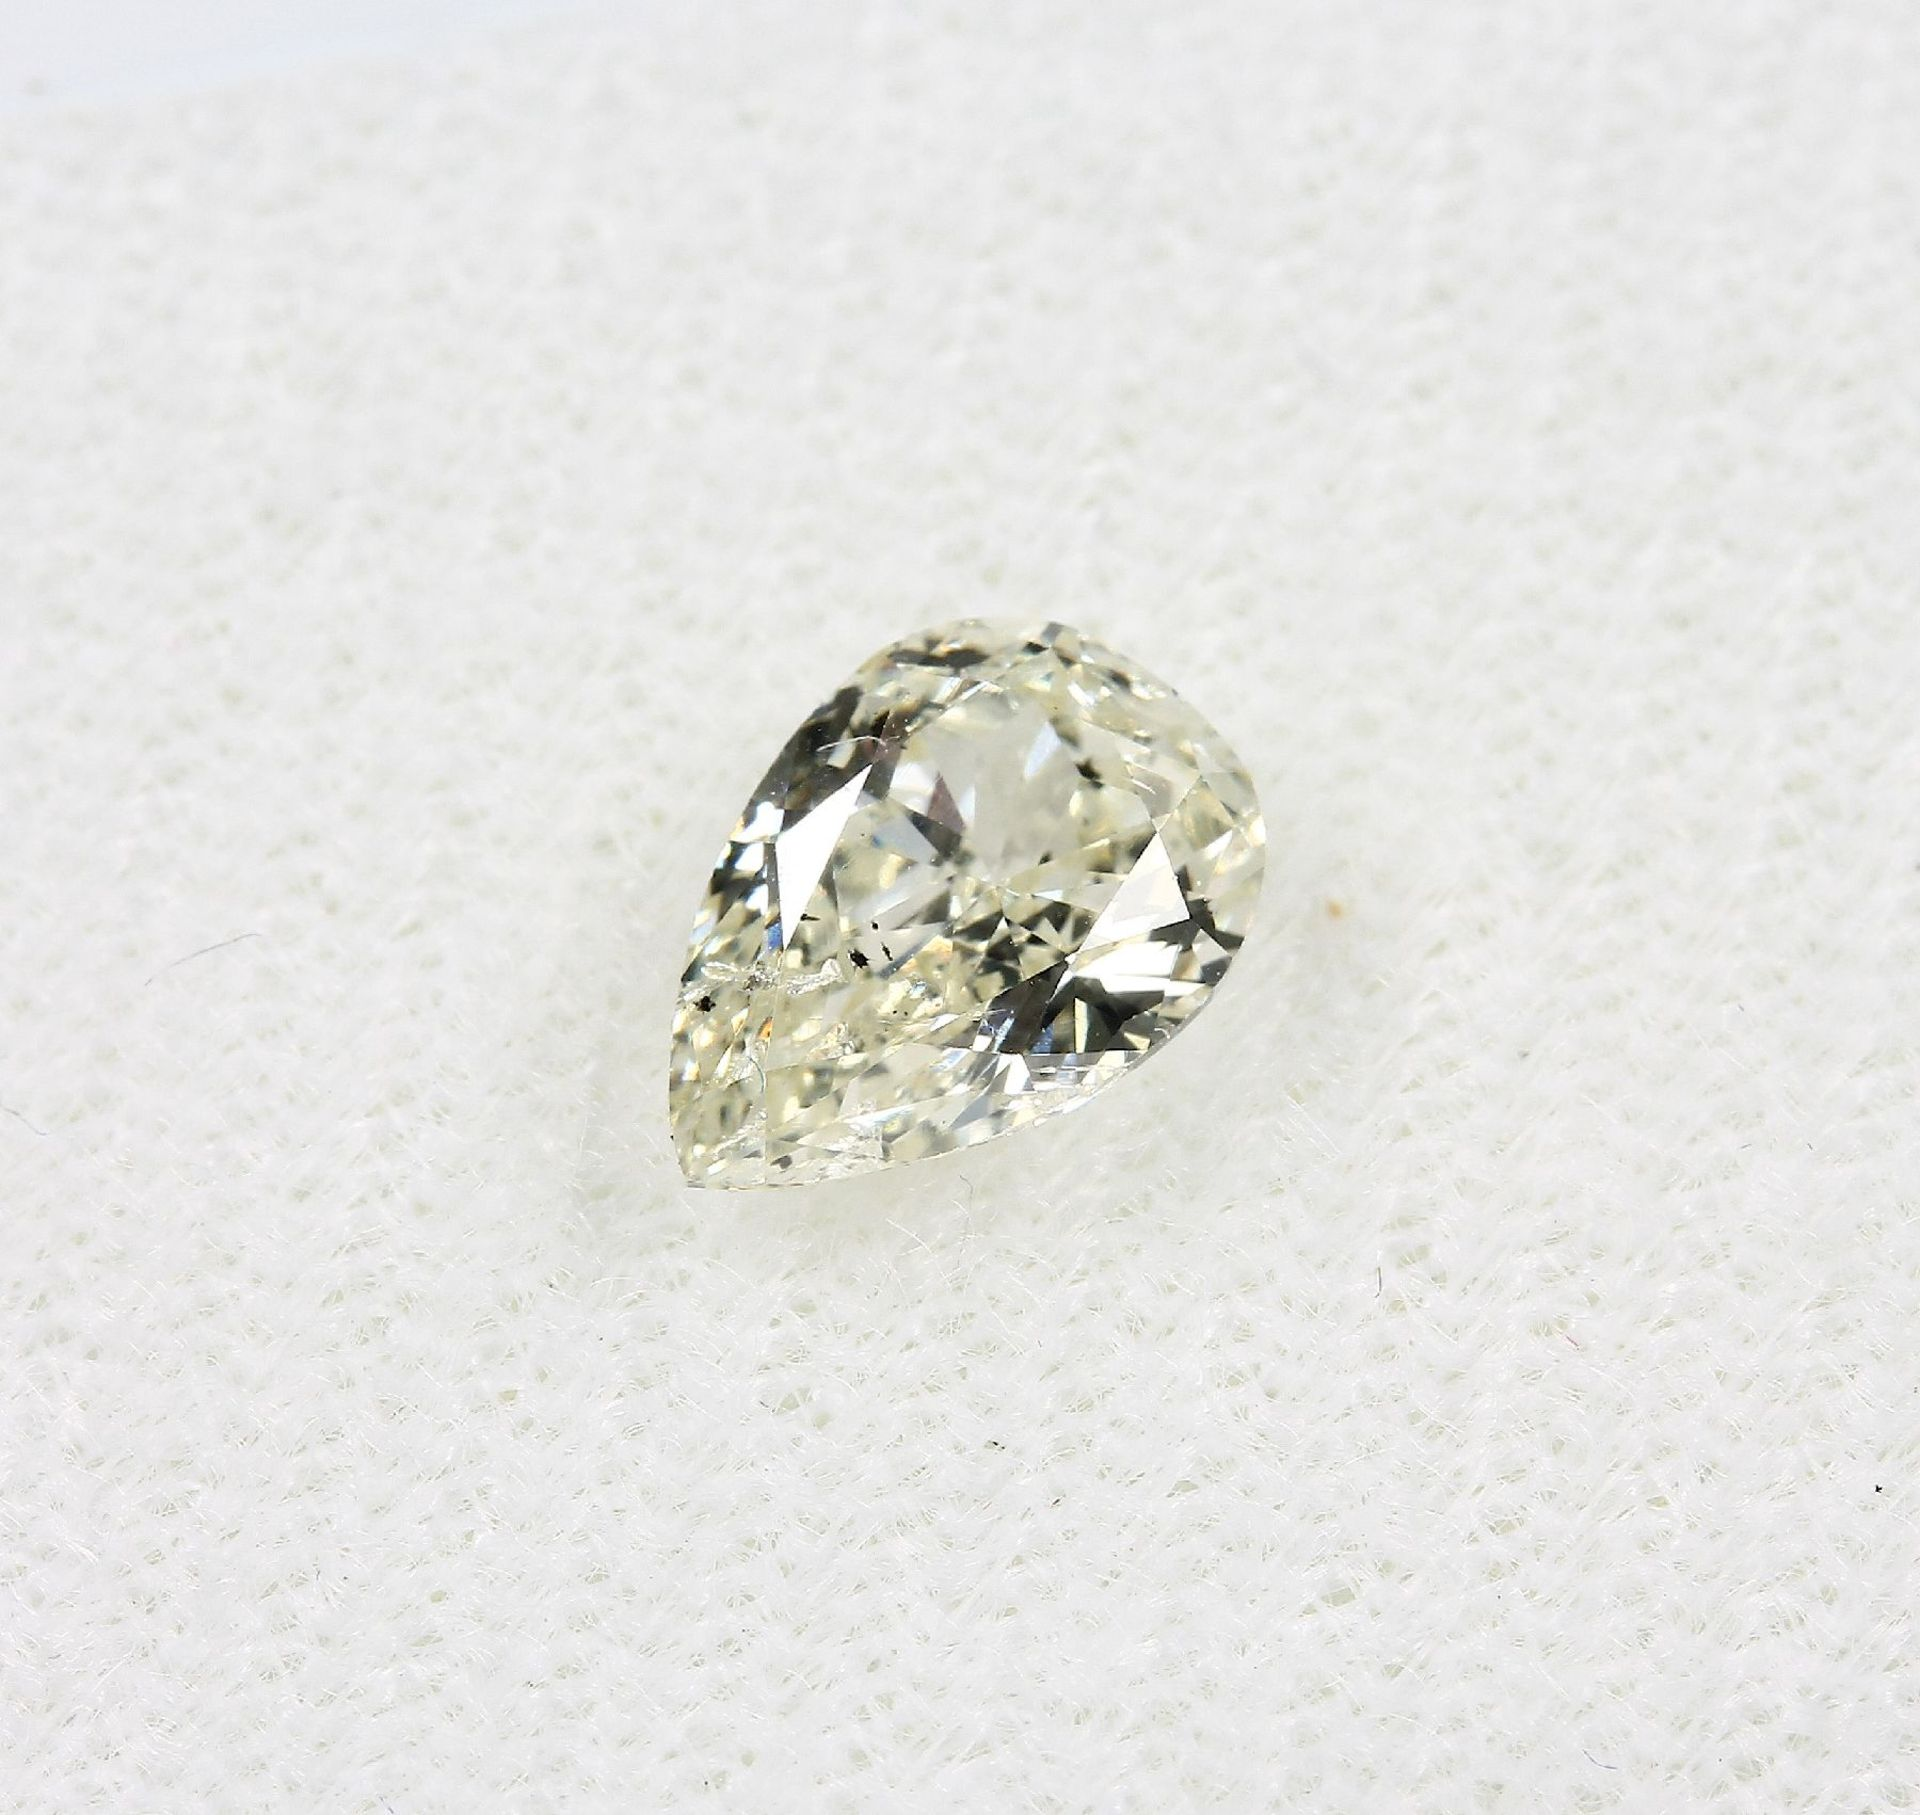 Loser Diamant, 1.02 ct get.Weiß (L)/p1, tropfenf. facett., mit HRD-Expertise Schätzpreis: 2565, - - Bild 2 aus 5